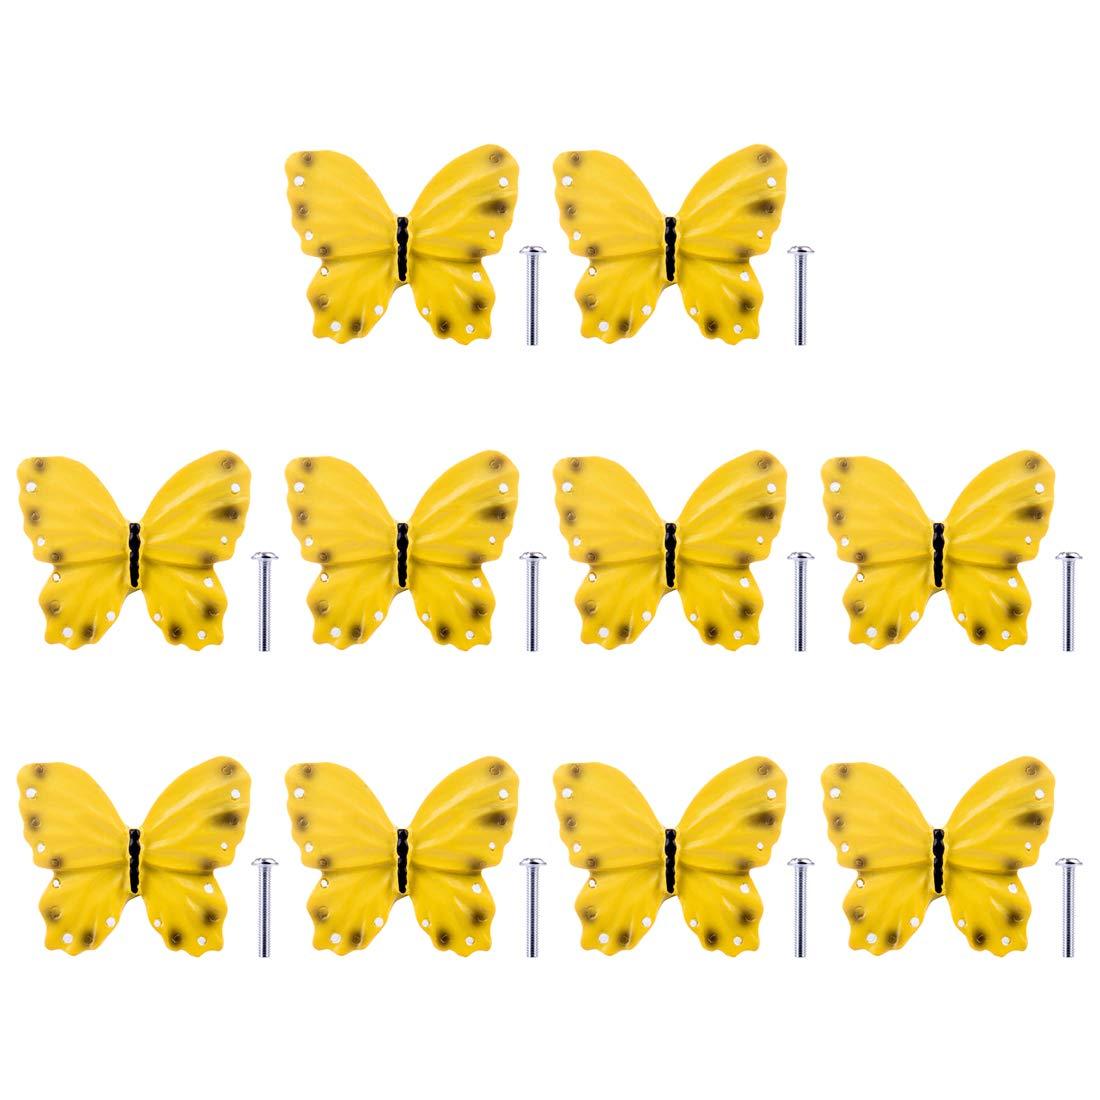 POXL Pomelli per Mobili Bambini Set di 10 Pomelli Manopola Farfalla Manopola Bambini Pomello per Cassetto//Armadi//Armadio